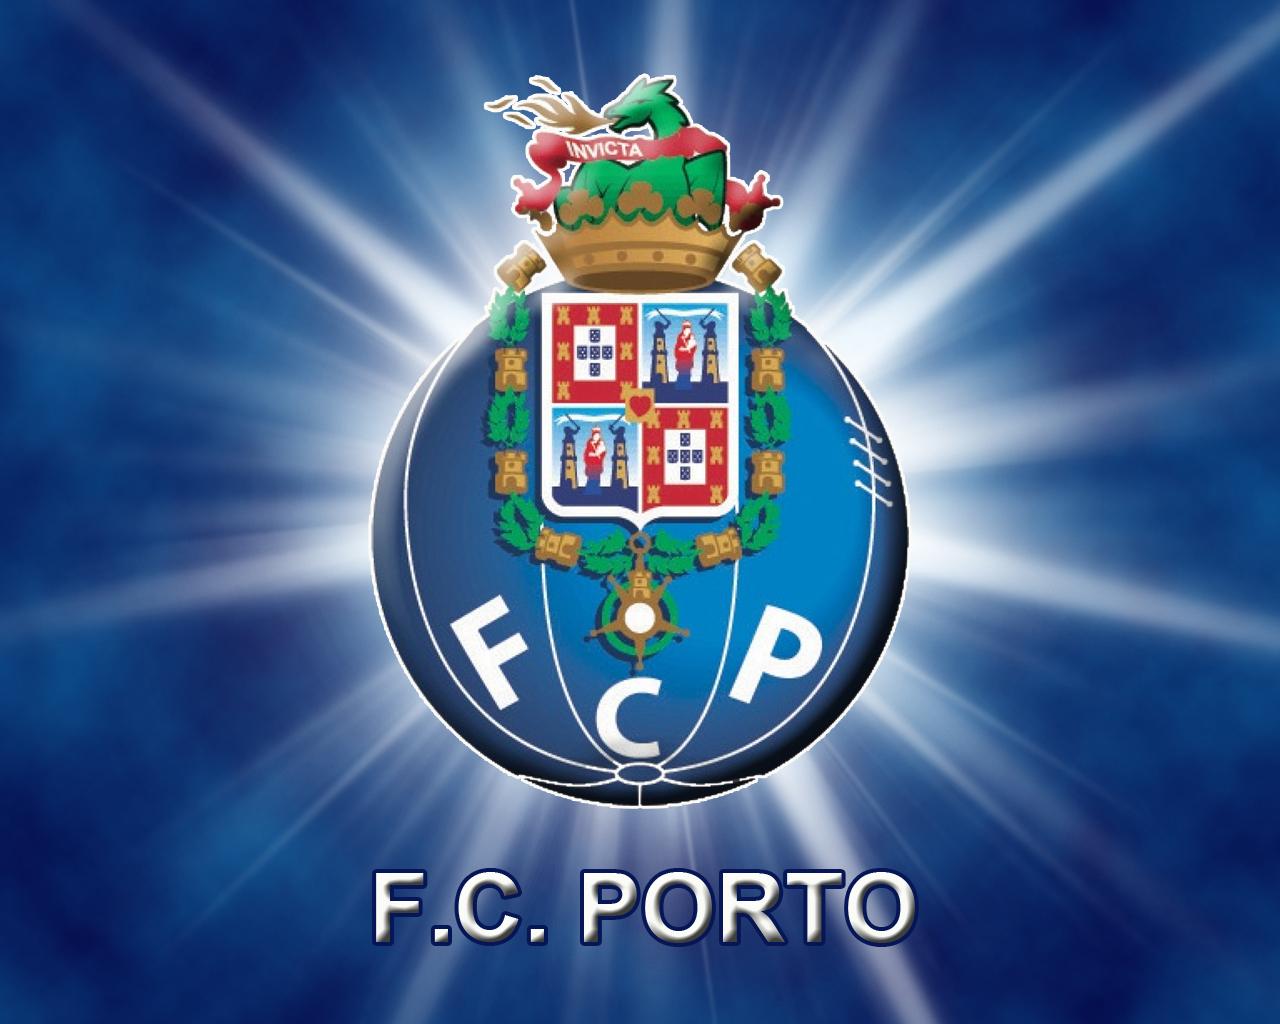 F C Porto Club S10